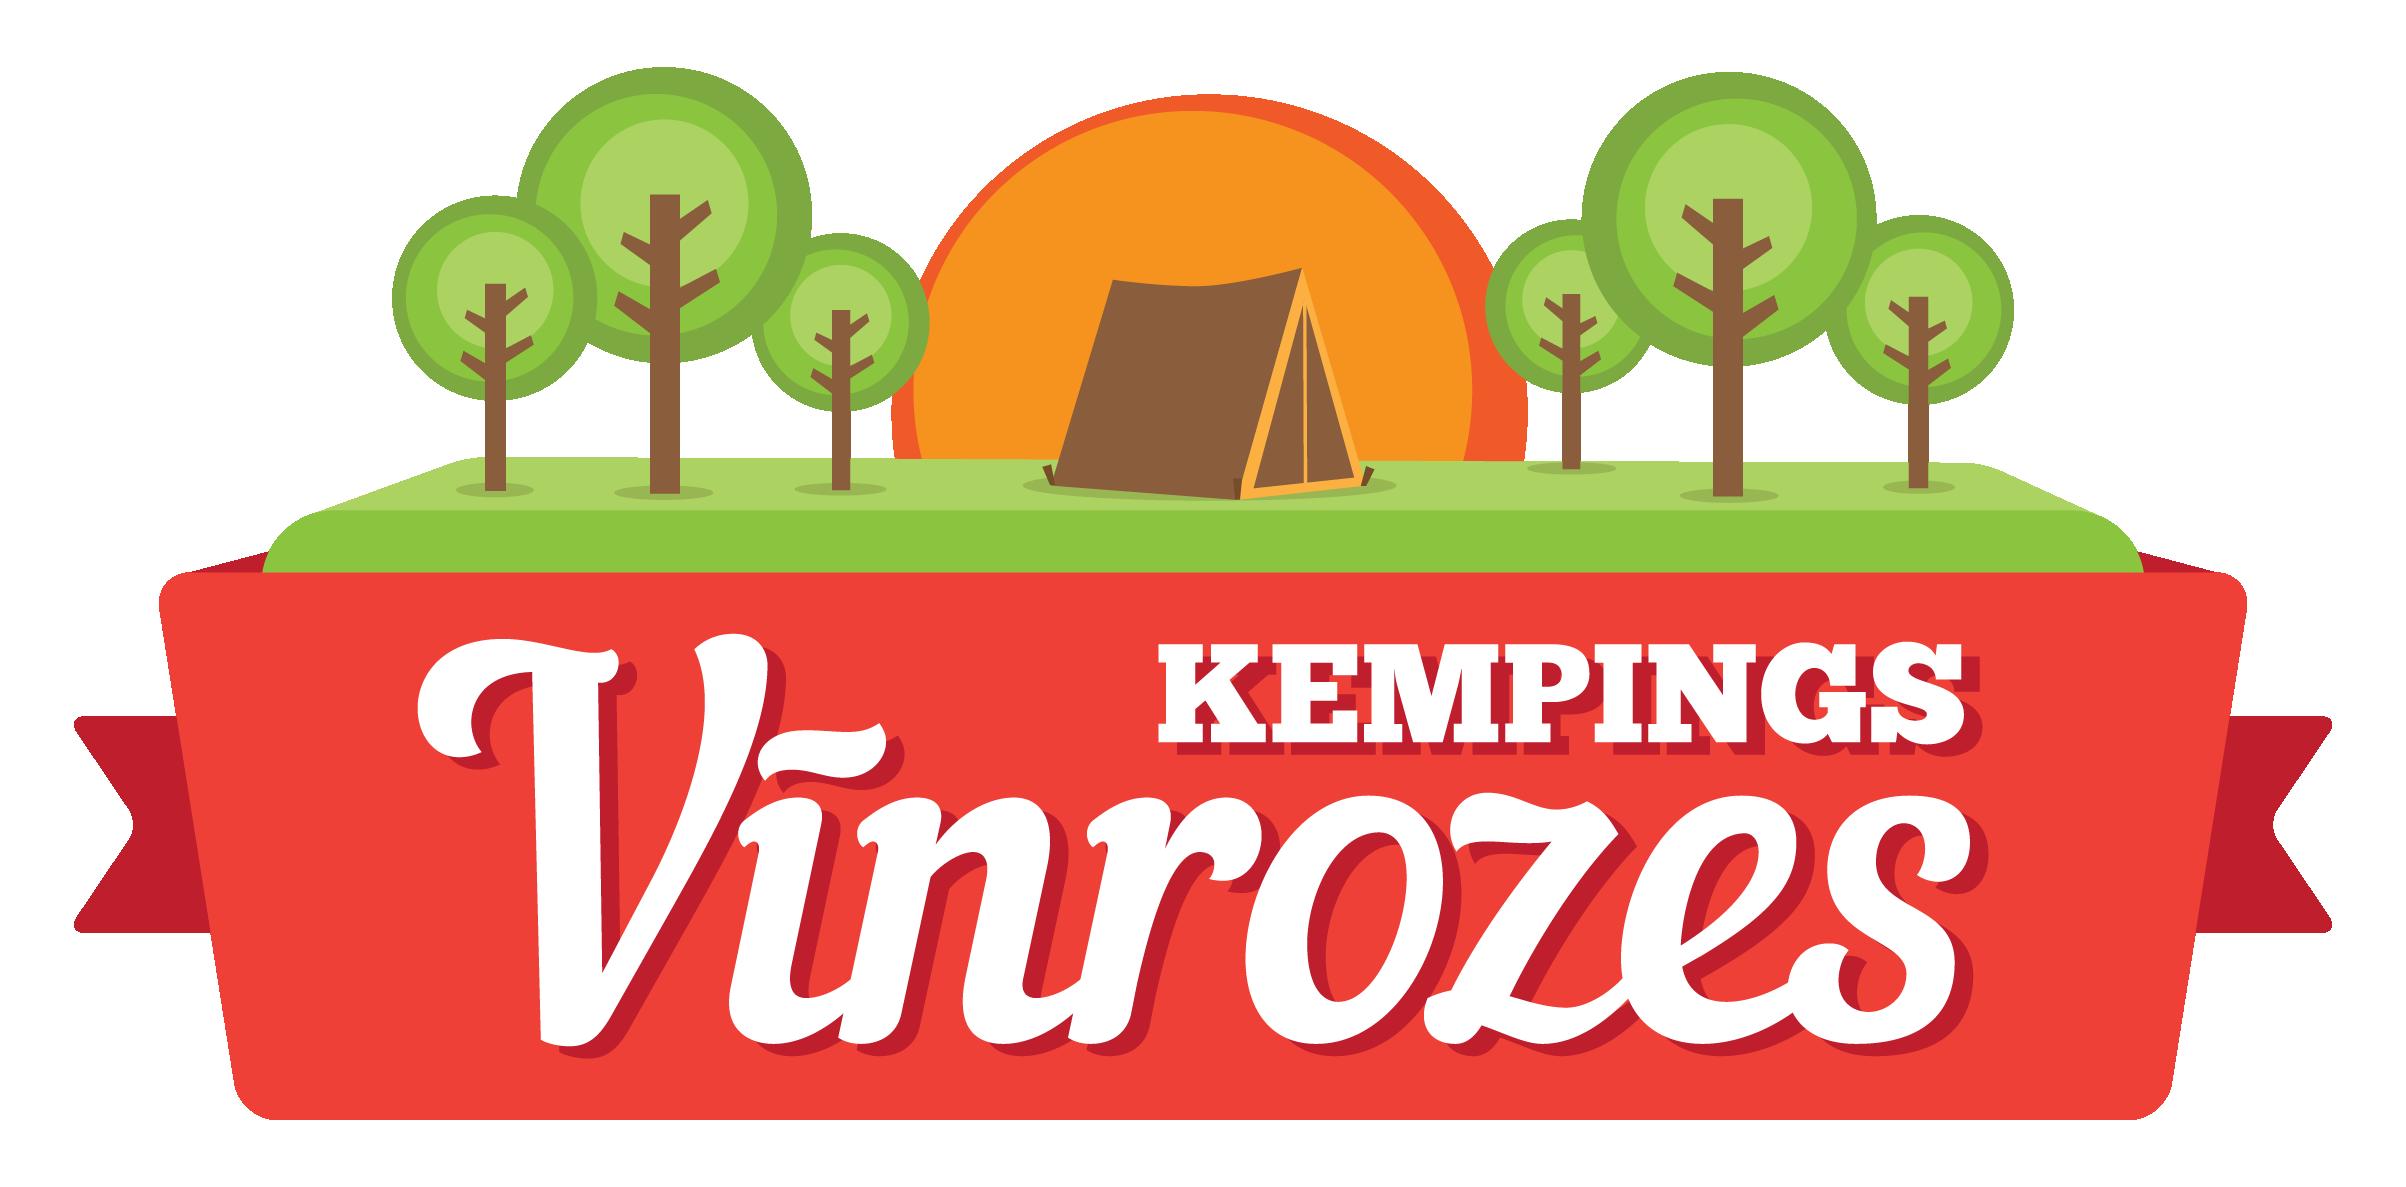 Camping Vinrozes